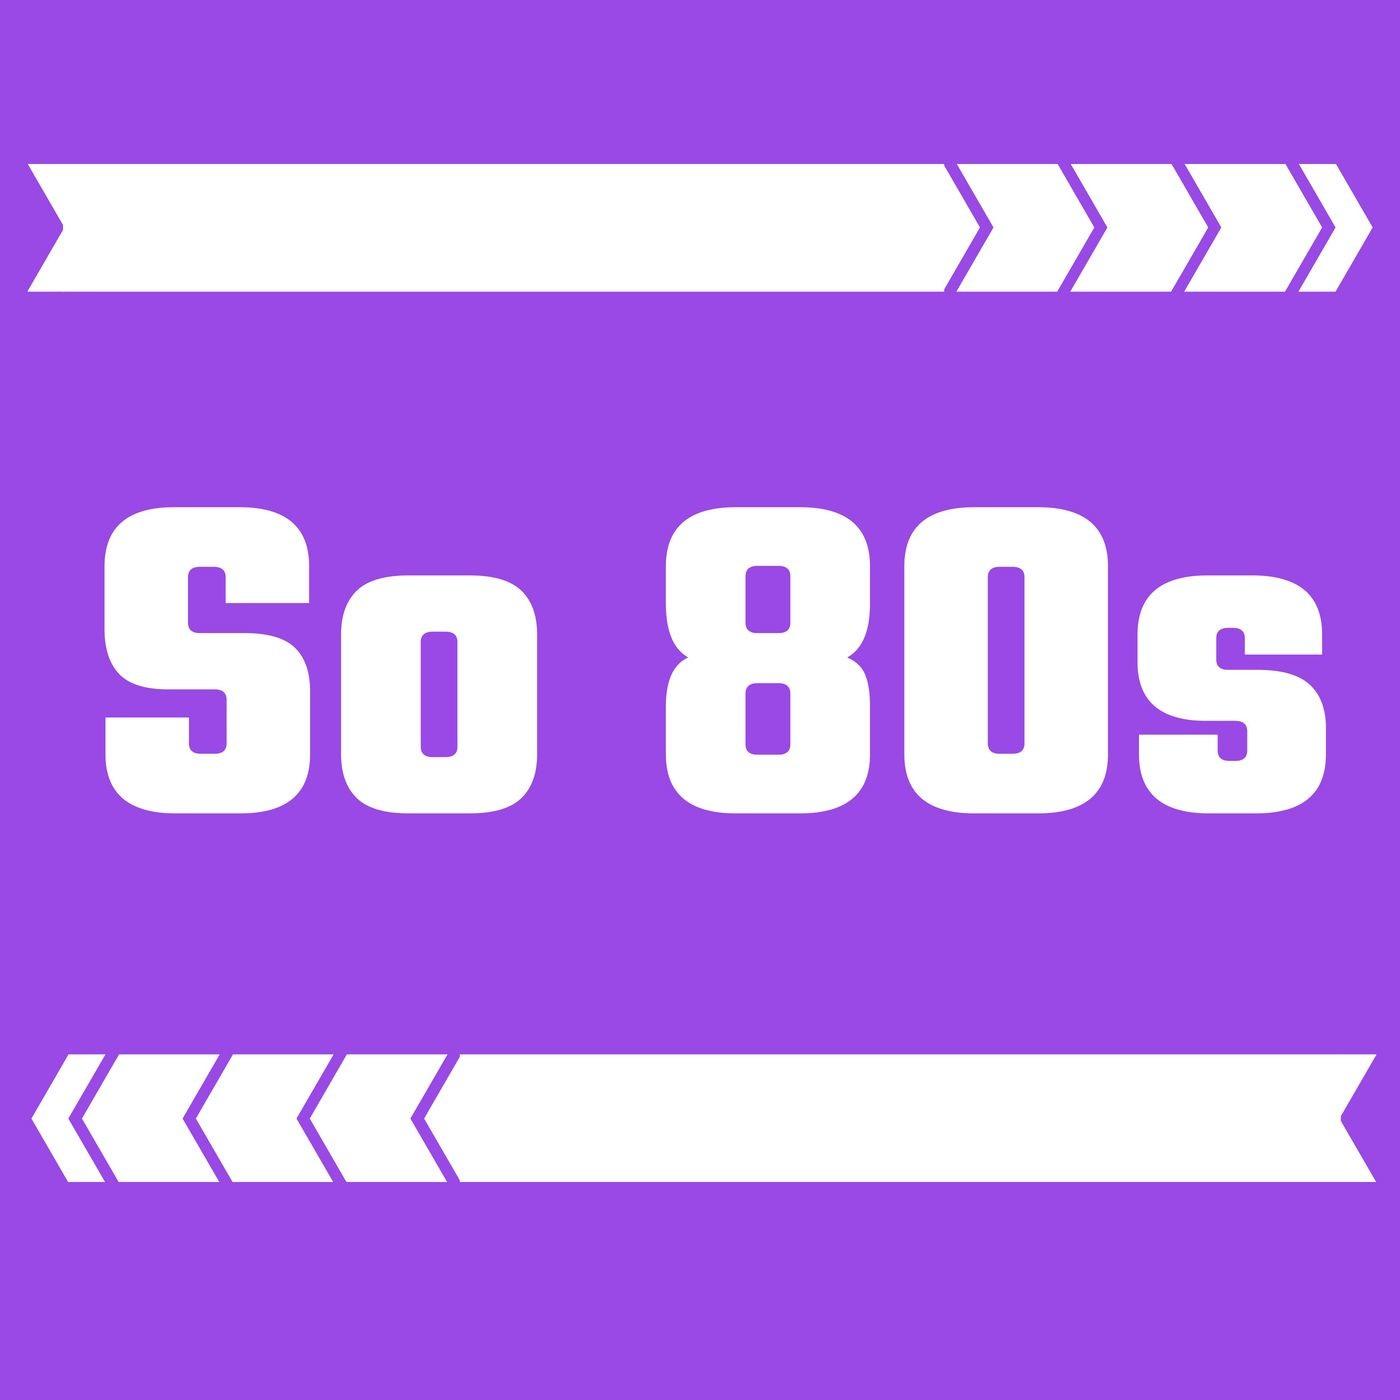 LE chanteur des années 80